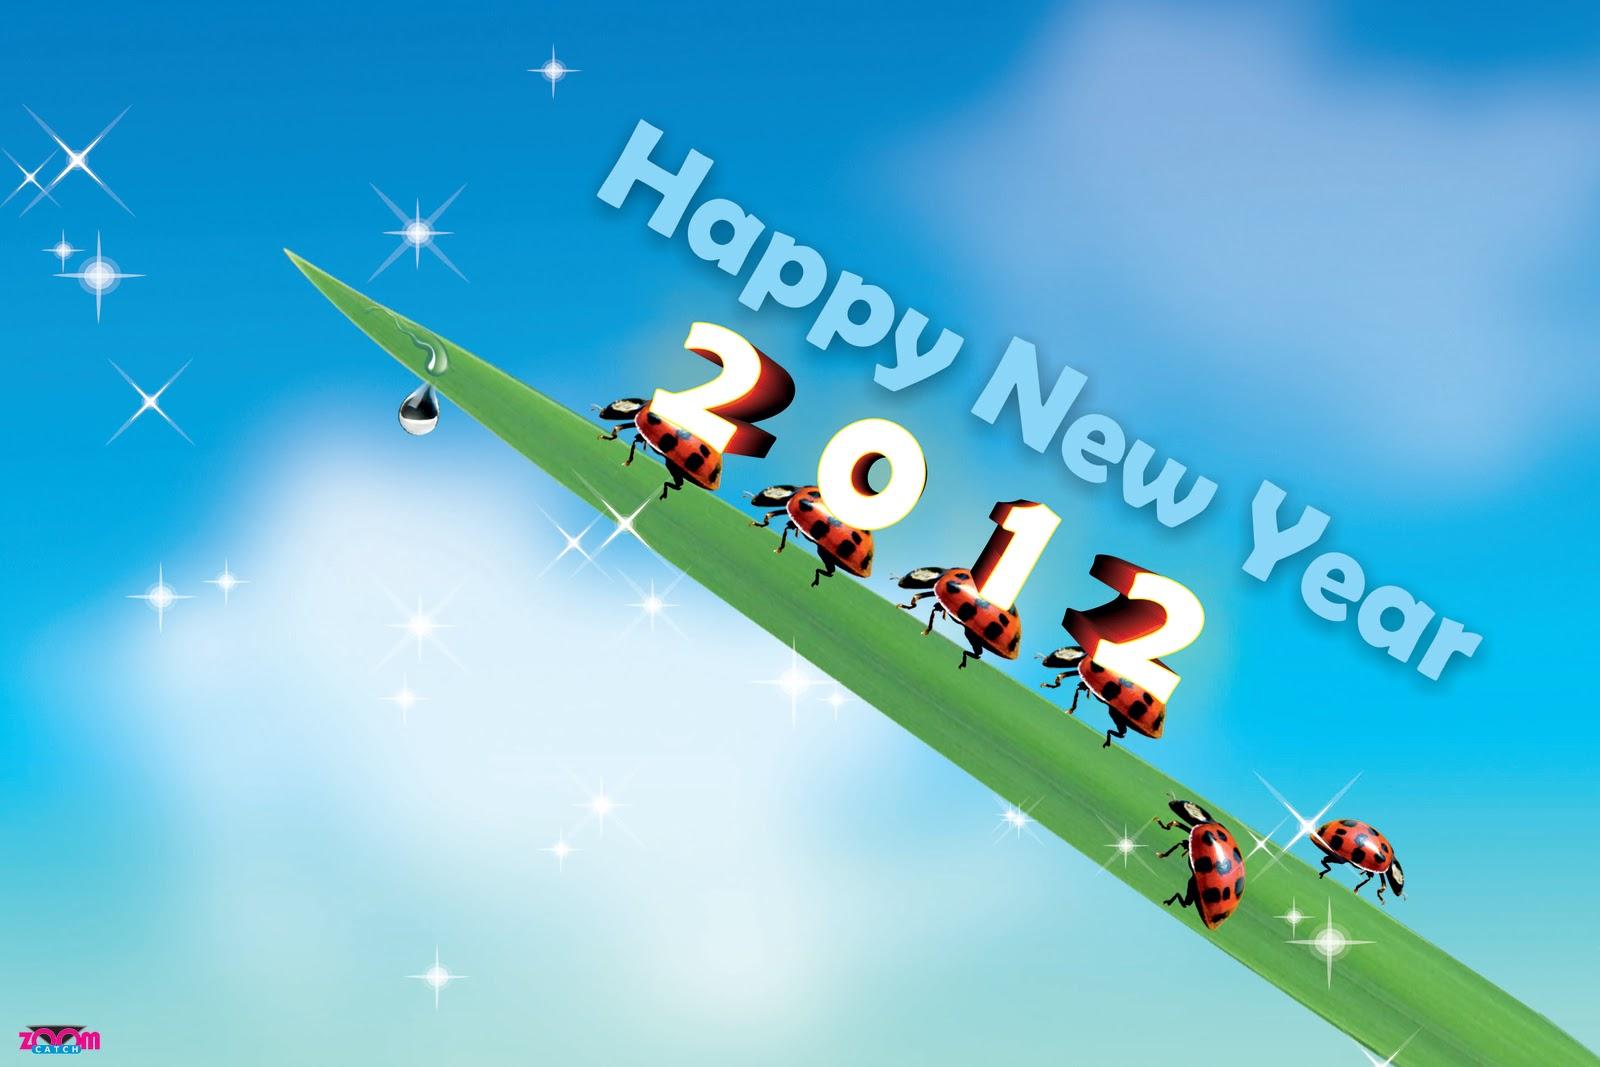 http://2.bp.blogspot.com/-CWPIfNLI0ks/Tv27SJSxtSI/AAAAAAAApoI/5K5Hqd2YFbk/s1600/Happy-New-Year-2012-Walking-Numbers.jpg